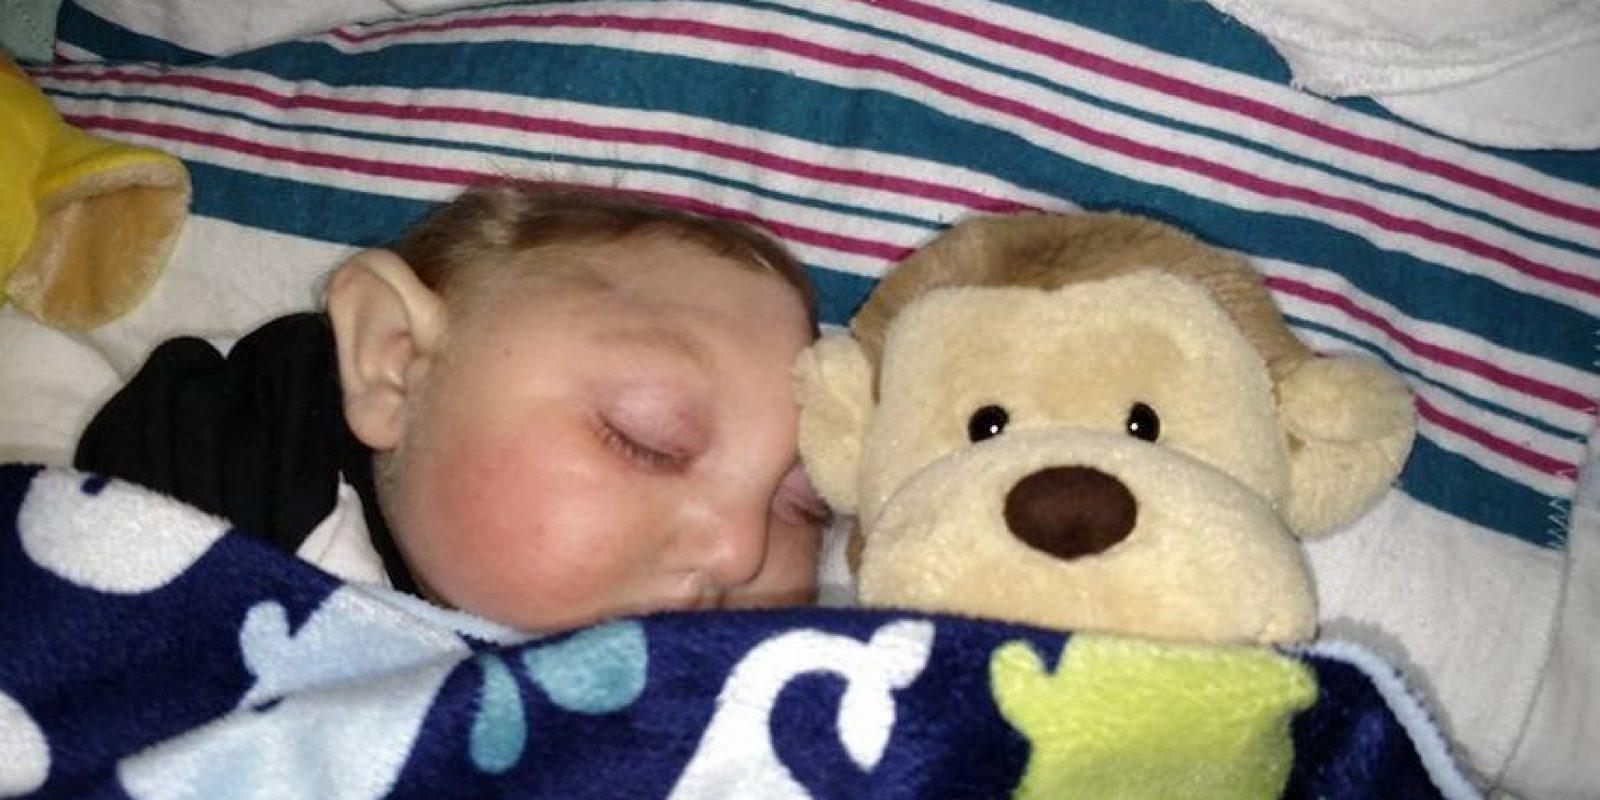 Donde ya reunieron más de 154 mil dólares que serán utilizados para el tratamiento de Jaxon Foto:Facebook.com/BrandonBuell